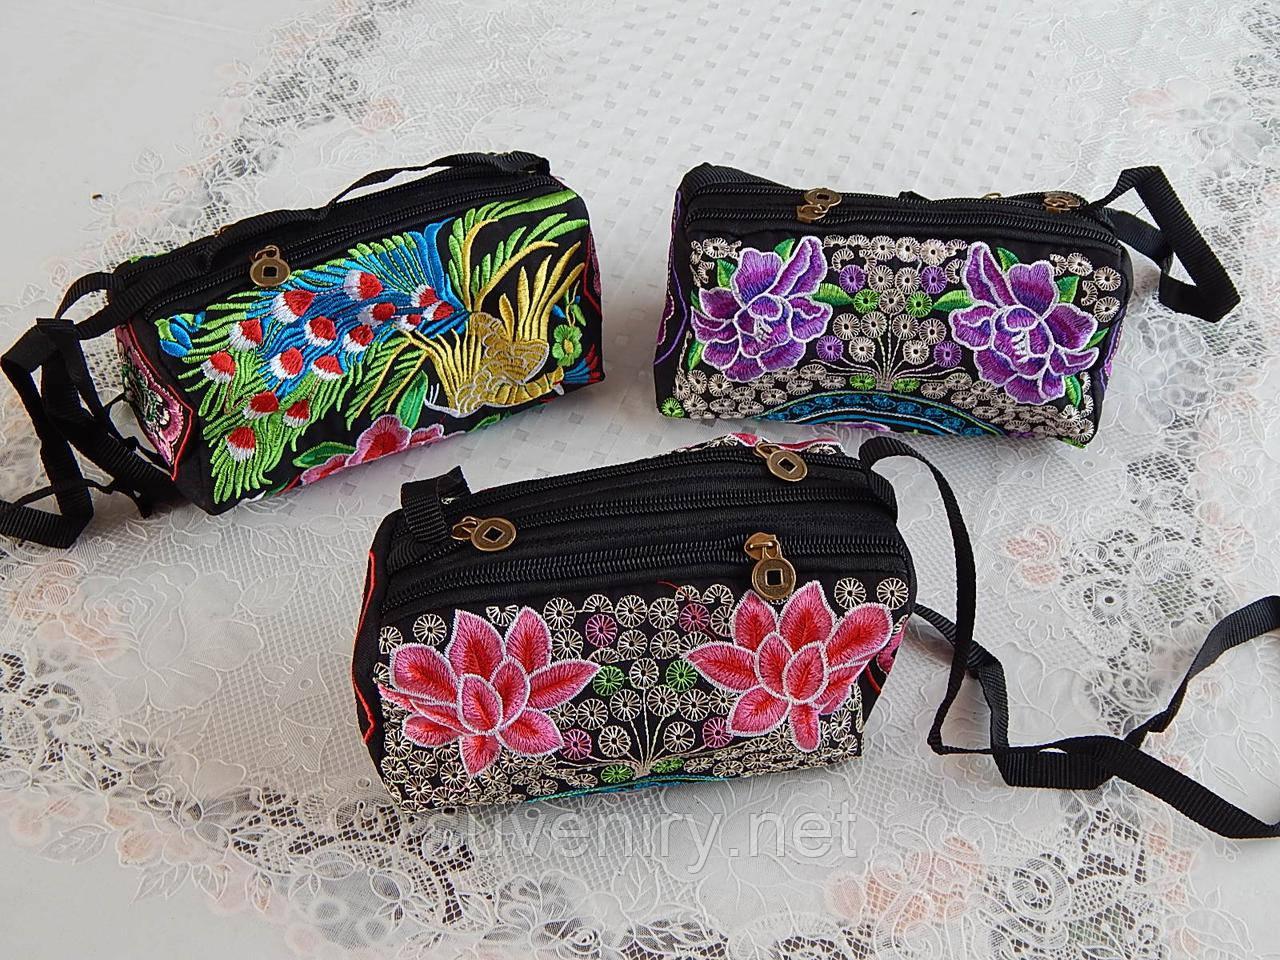 Красивая женская сумка на плечо разные рисунки